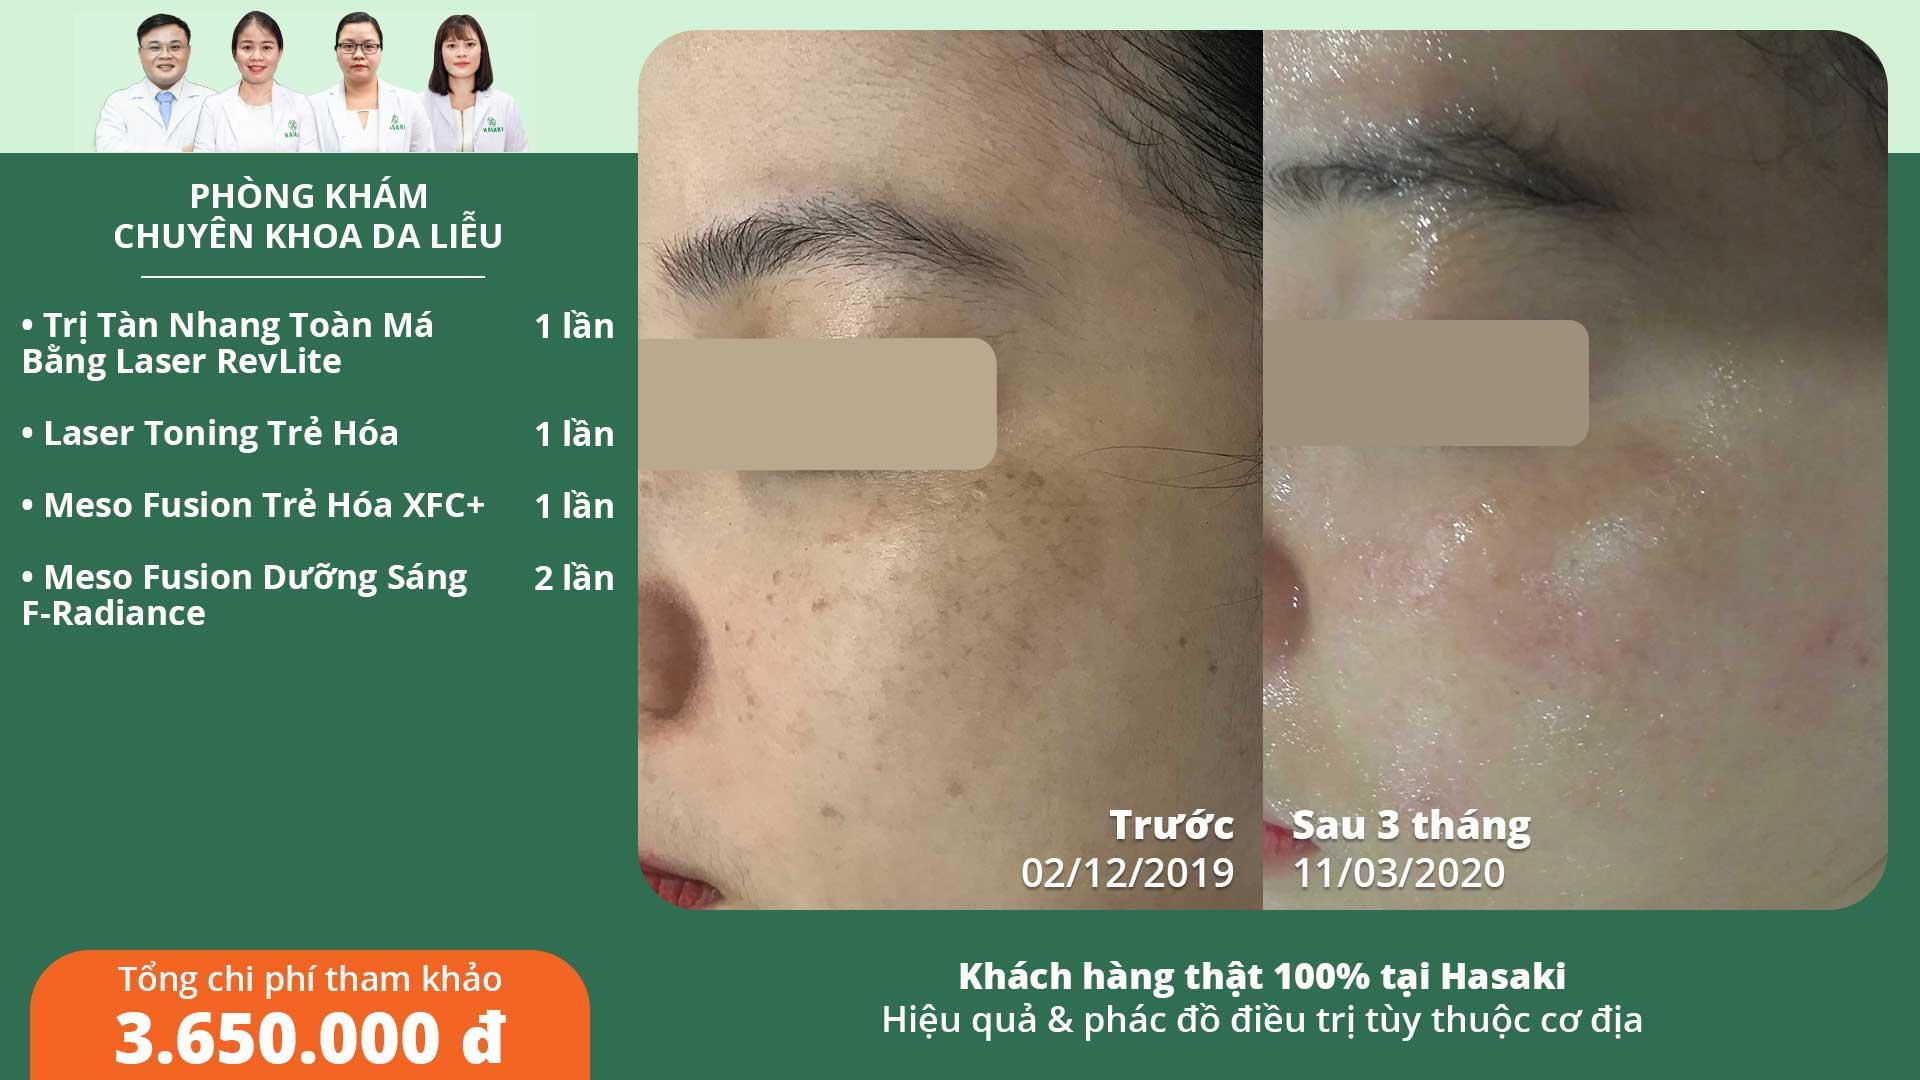 Khách hàng điều trị tàn nhang thực tế tại Hasaki